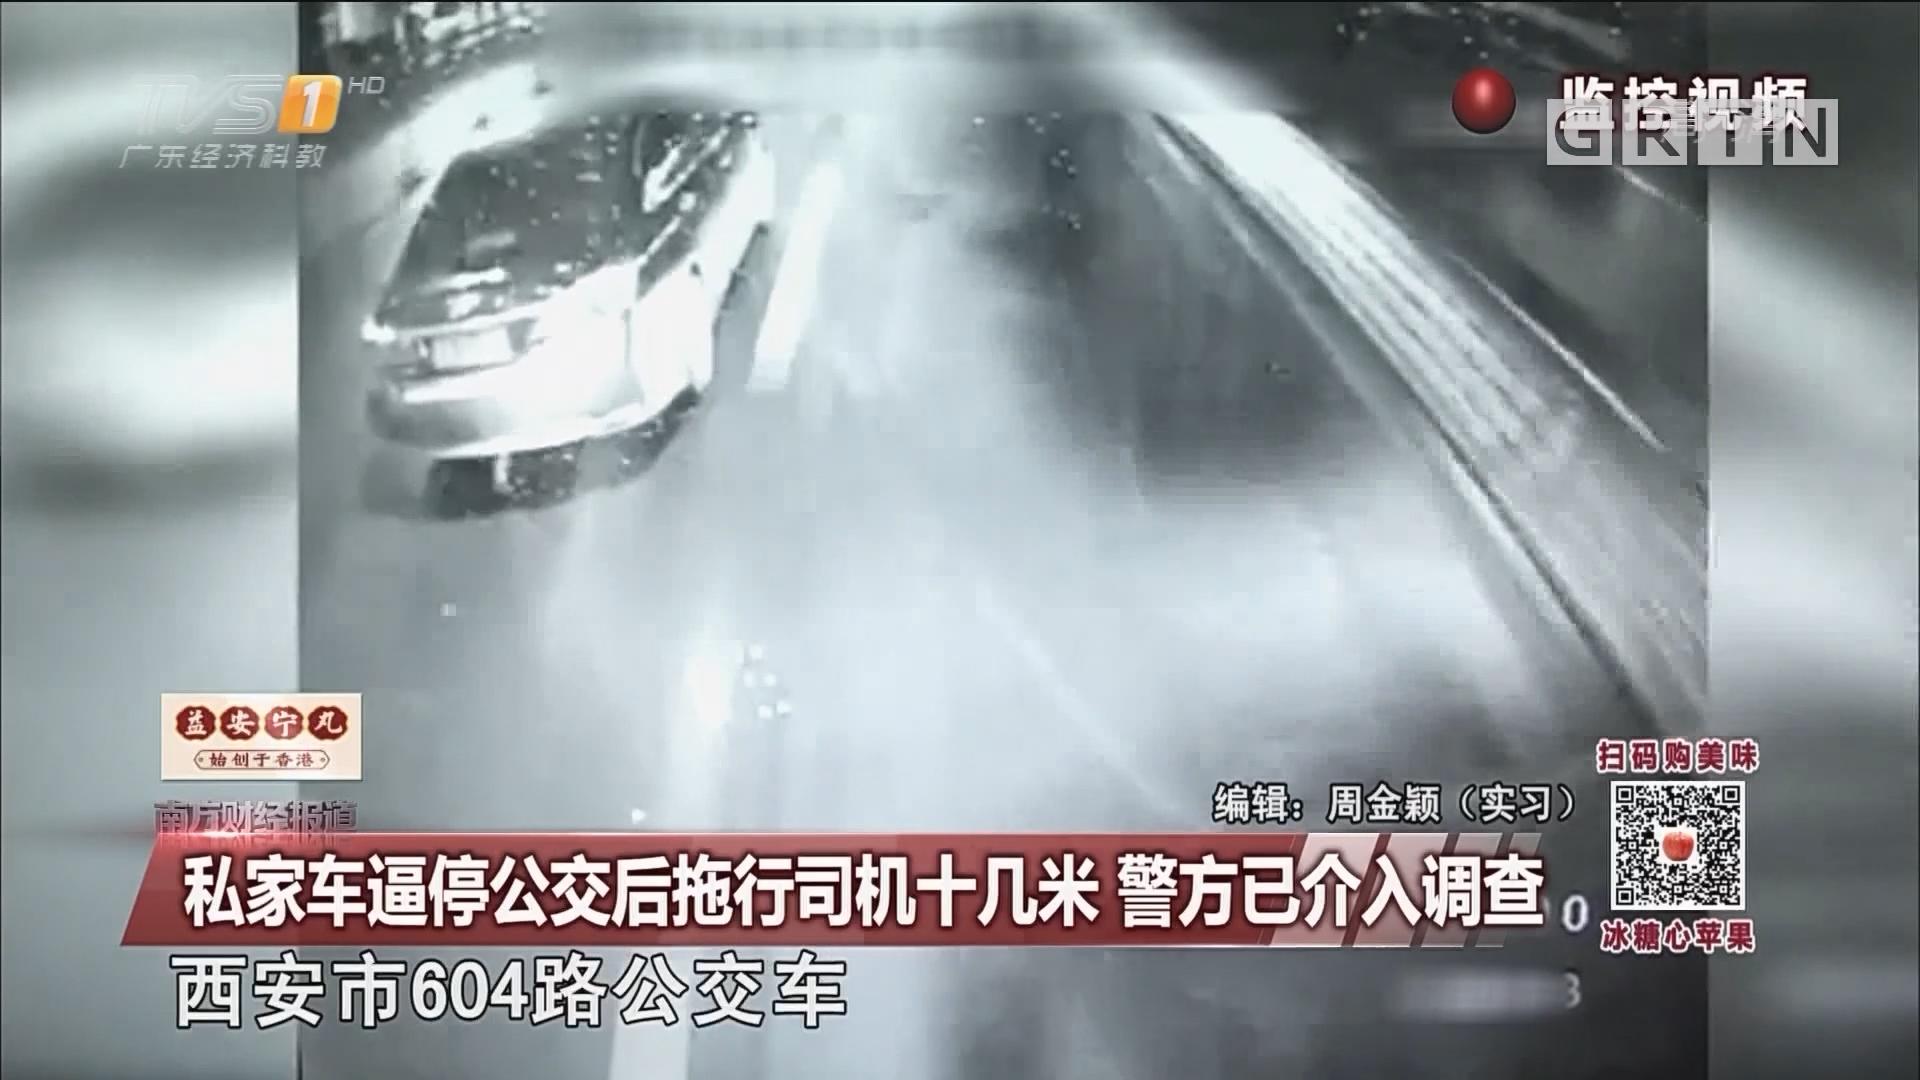 私家车逼停公交后拖行司机十几米 警方已介入调查